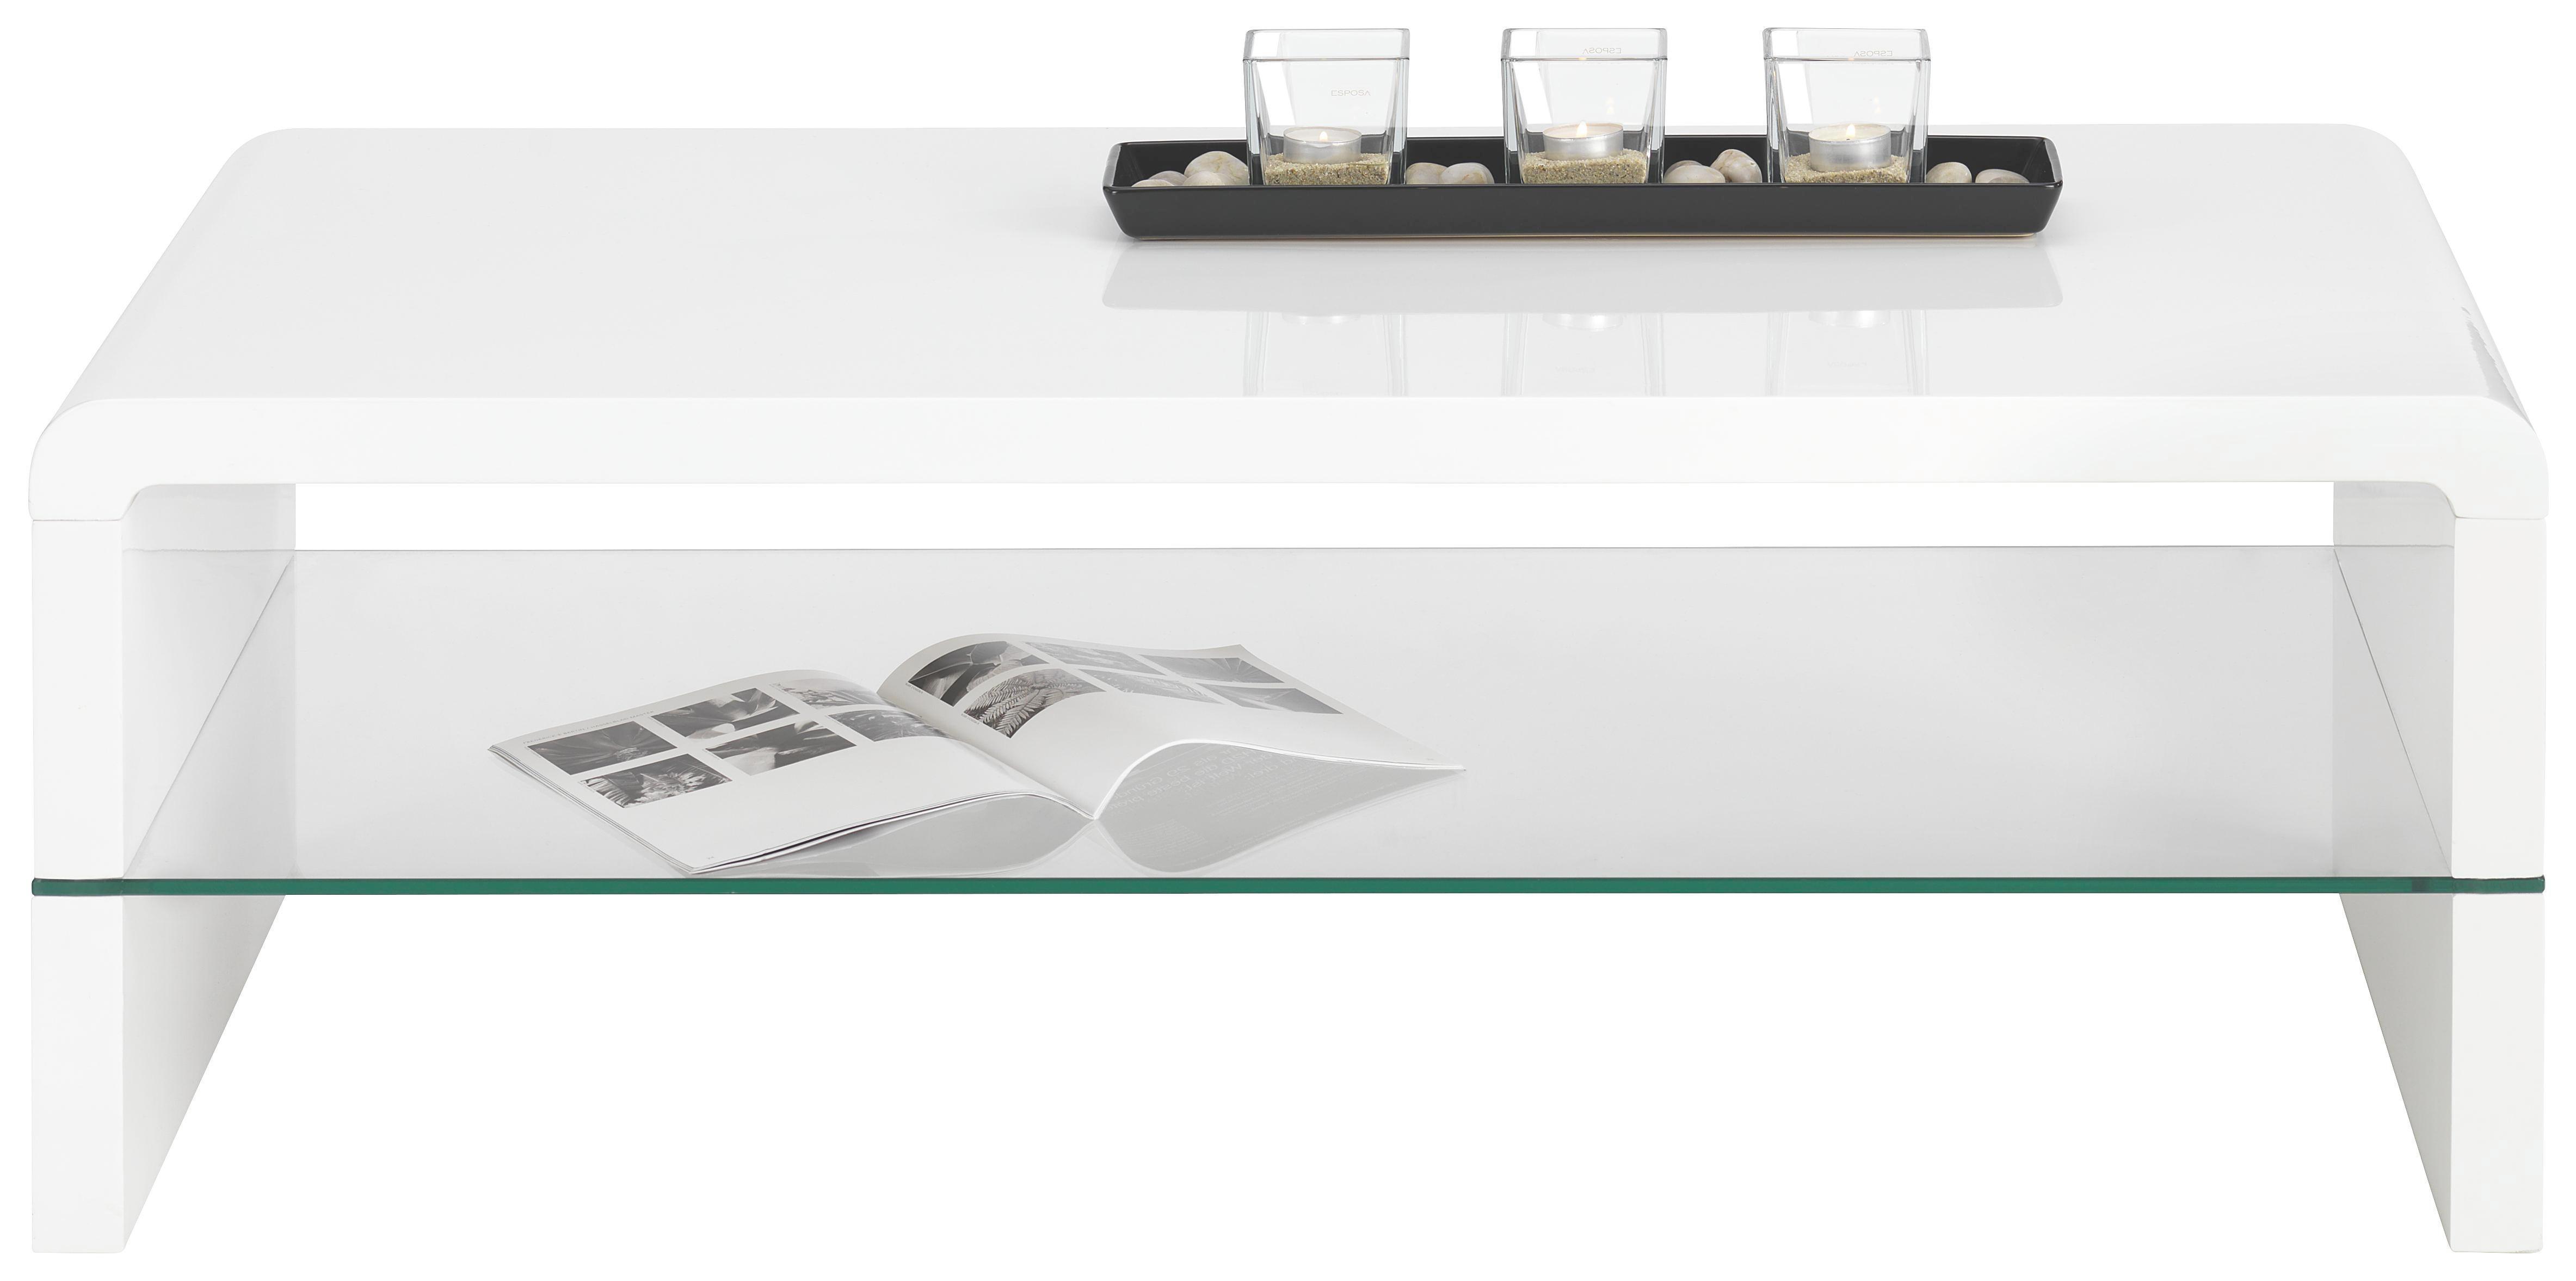 Gemeinsame Couchtische & Sofatische aus Holz, Glas u.v.m. kaufen | XXXLutz #KA_72